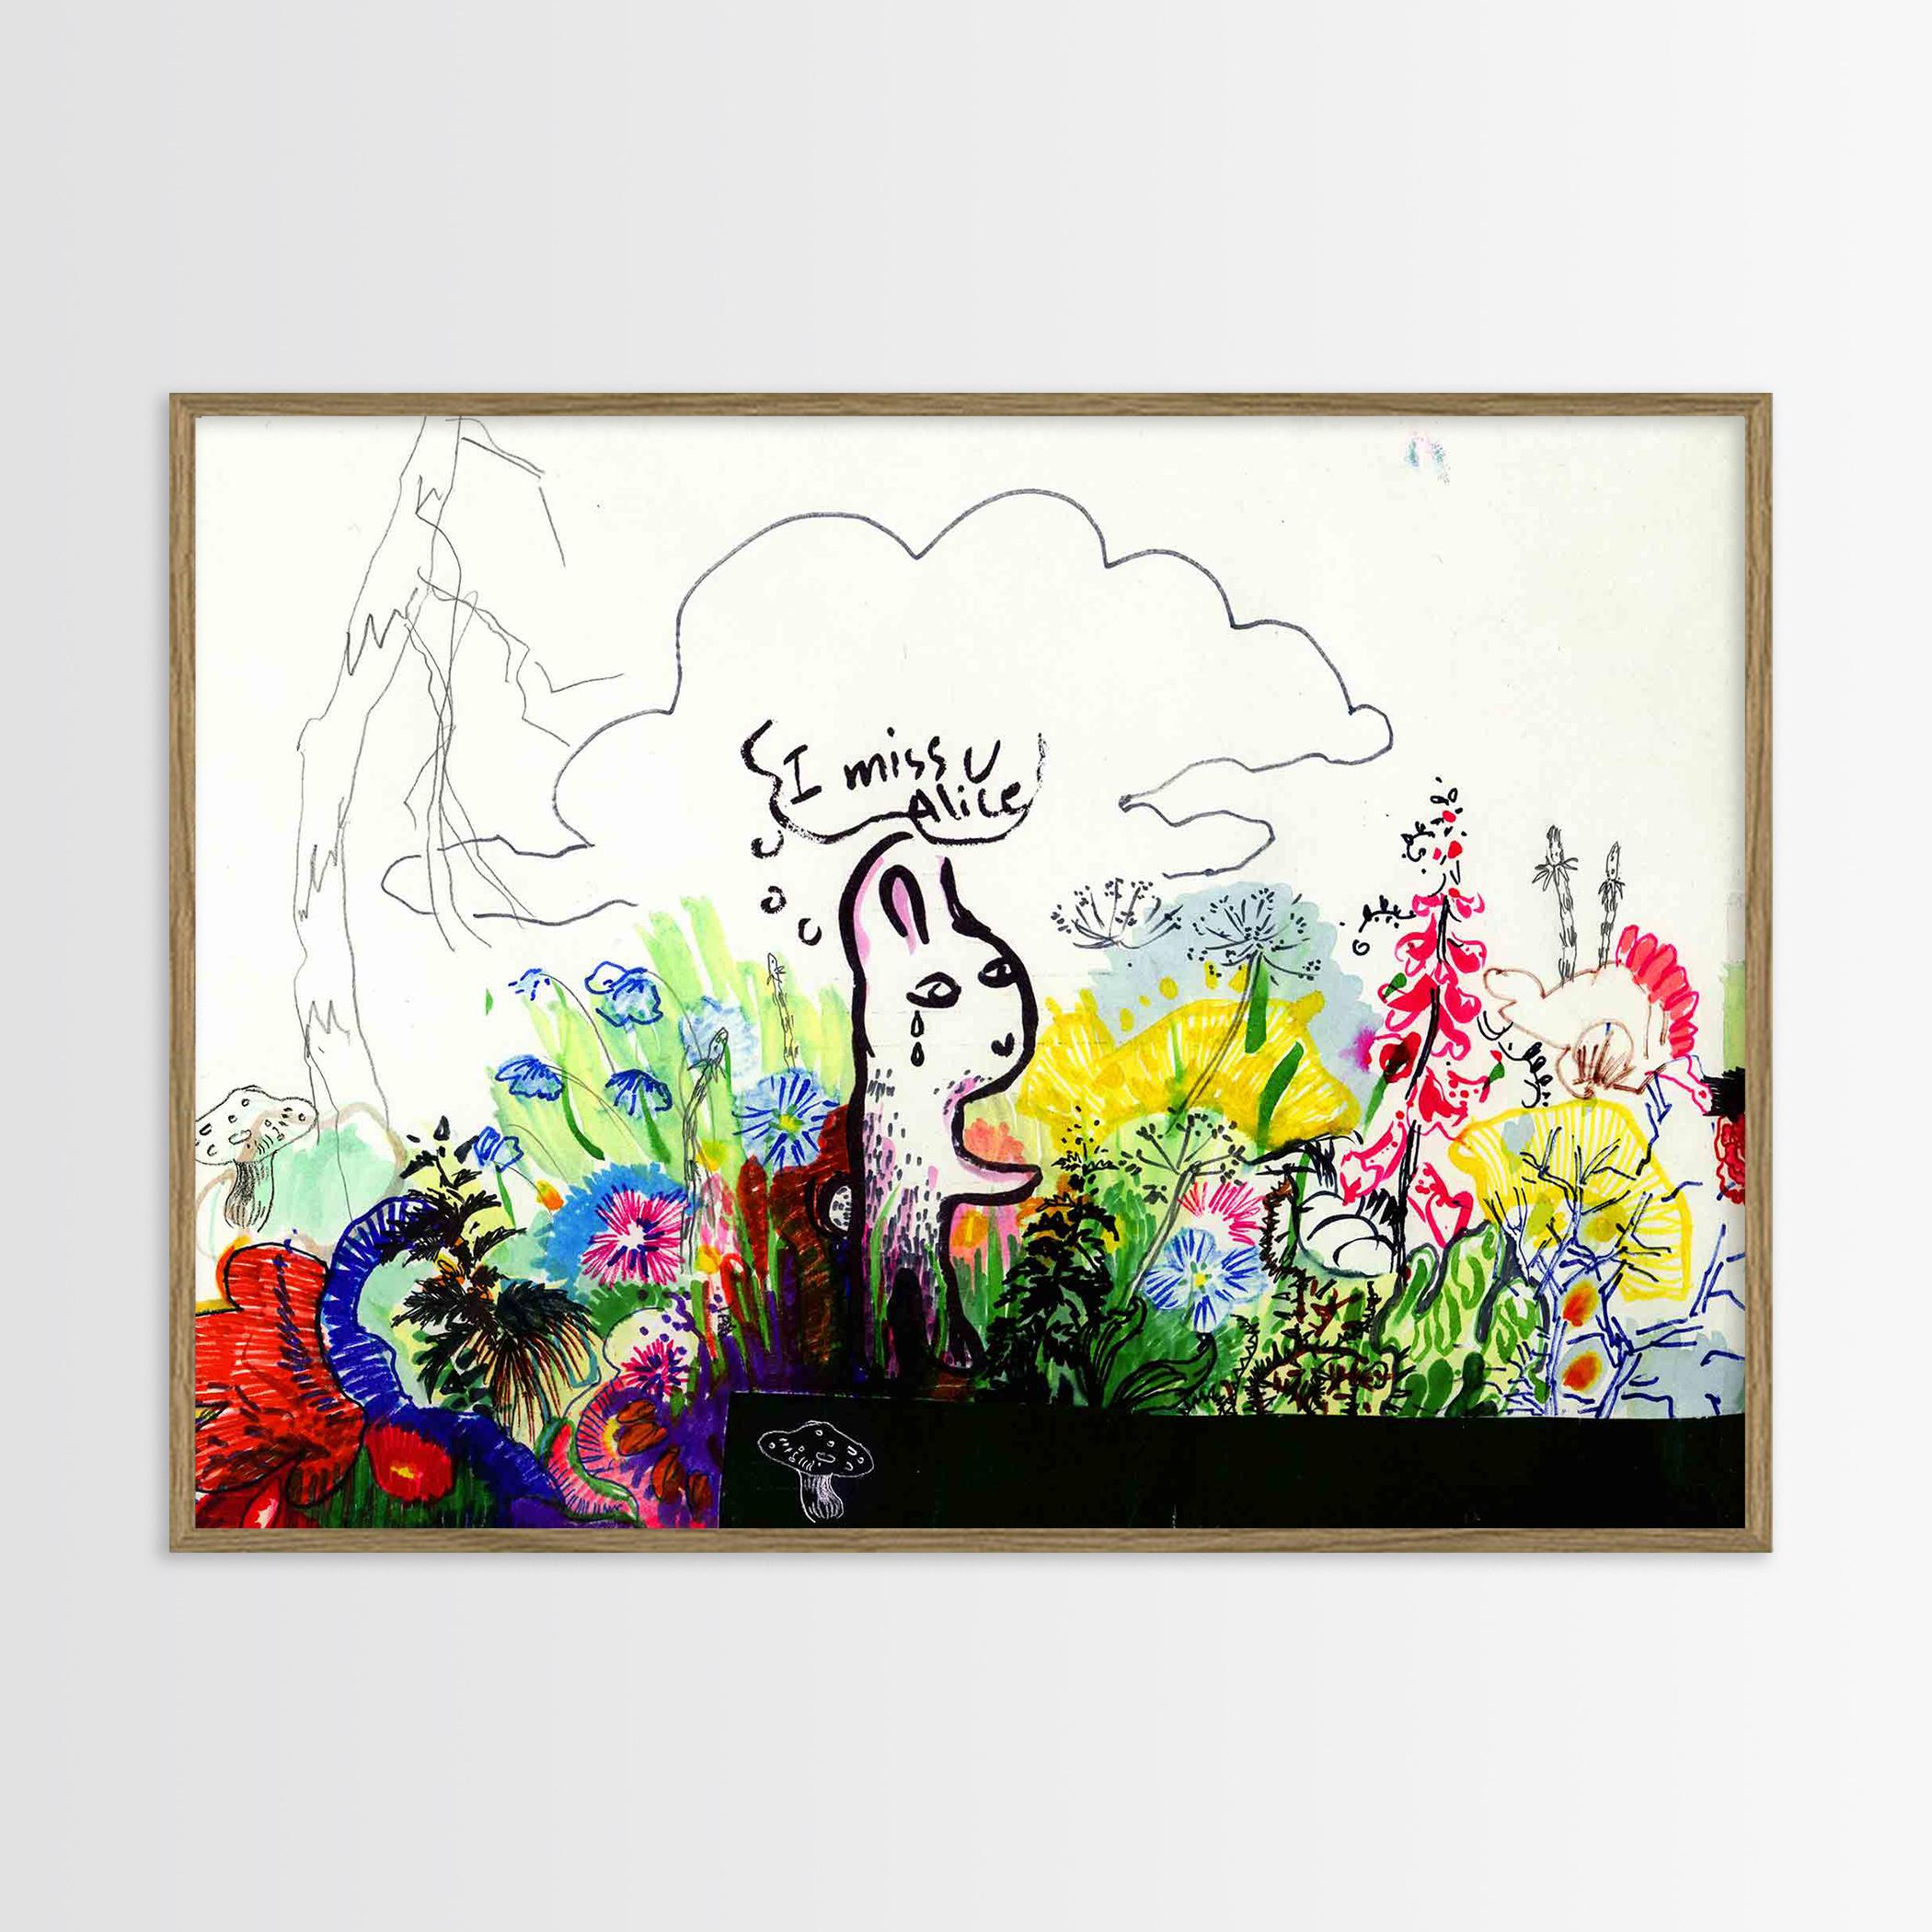 plakater-posters-kunsttryk, giclee-tryk, æstetiske, landskab, botanik, humor, natur, kæledyr, vilde-dyr, grønne, røde, gule, blæk, papir, sjove, københavn, sød, dansk, dekorative, design, blomster, interiør, bolig-indretning, nordisk, planter, skandinavisk, sceneri, vilde-dyr, Køb original kunst og kunstplakater. Malerier, tegninger, limited edition kunsttryk & plakater af dygtige kunstnere.